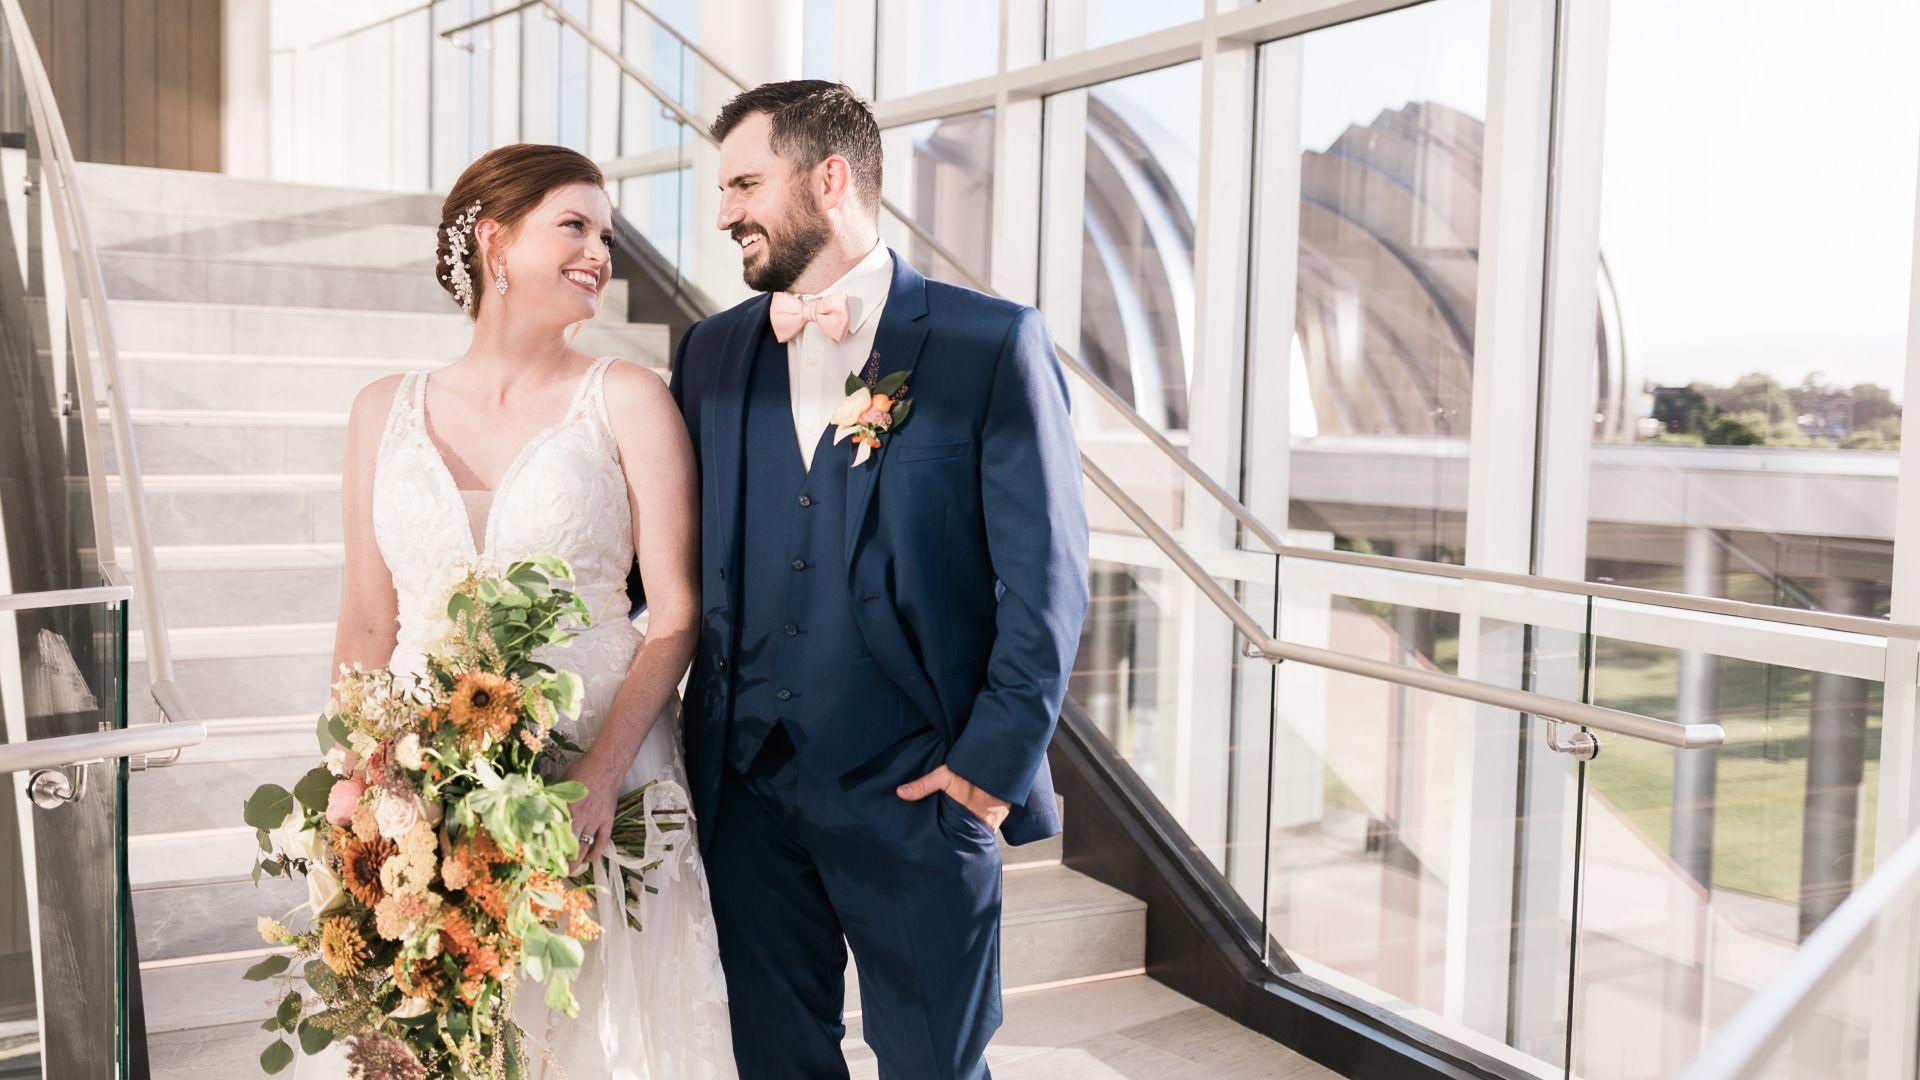 Un hombre y una mujer parados frente a un edificio